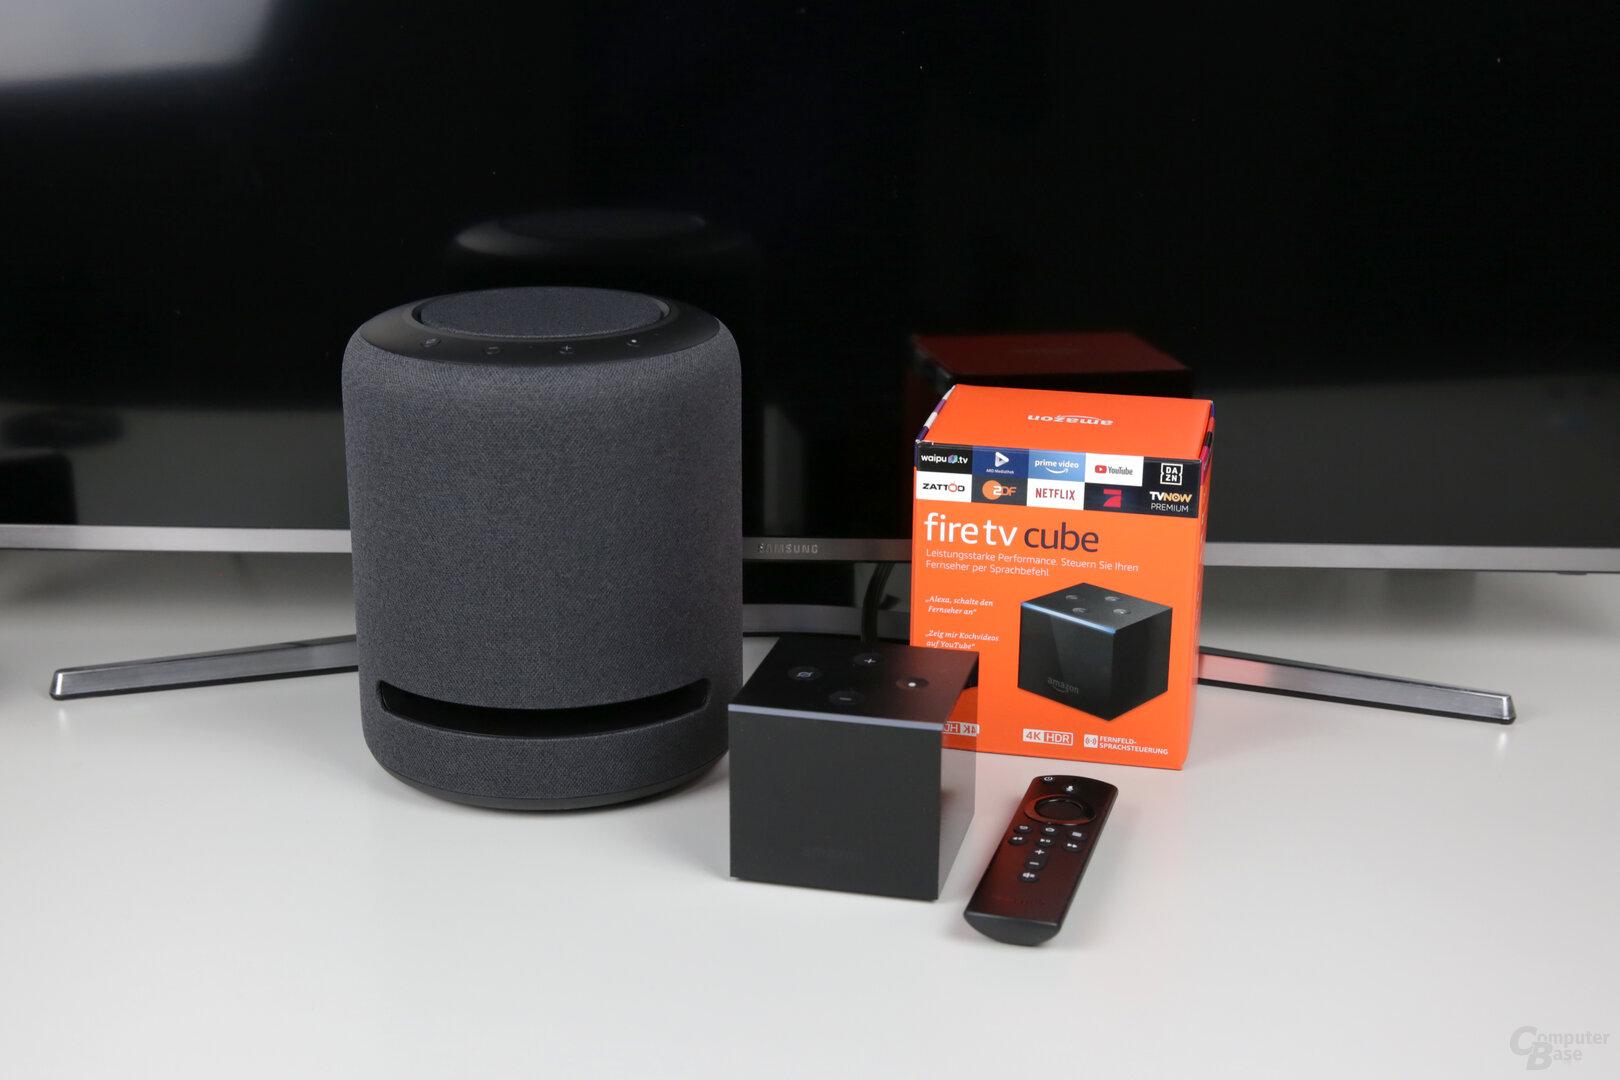 Amazon Echo Studio als Lautsprecher für den Fire TV Cube